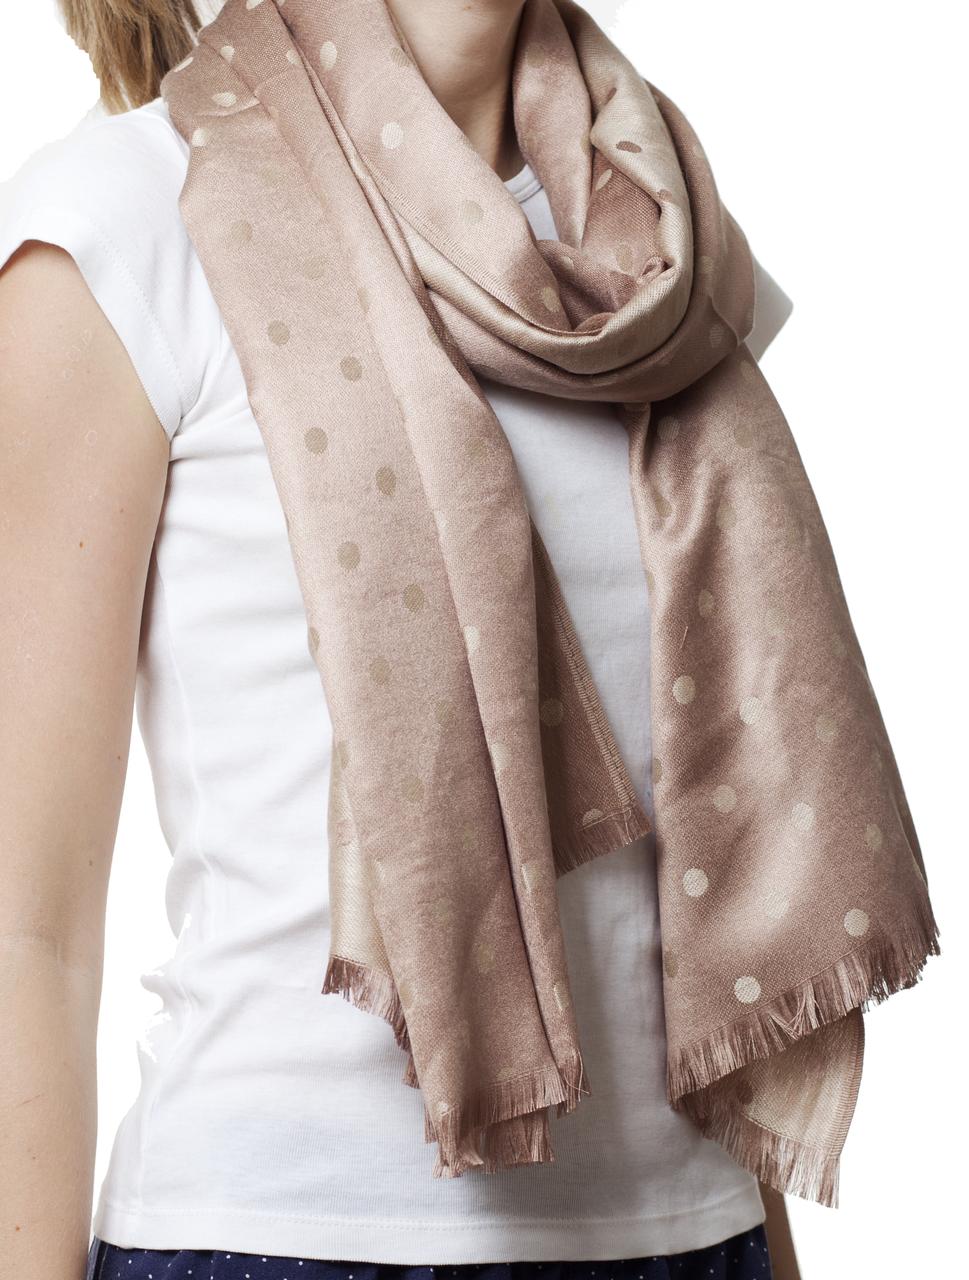 Купить палантин в горошек бежевый (81006) - Fashion accessories в Ивано-Франковске